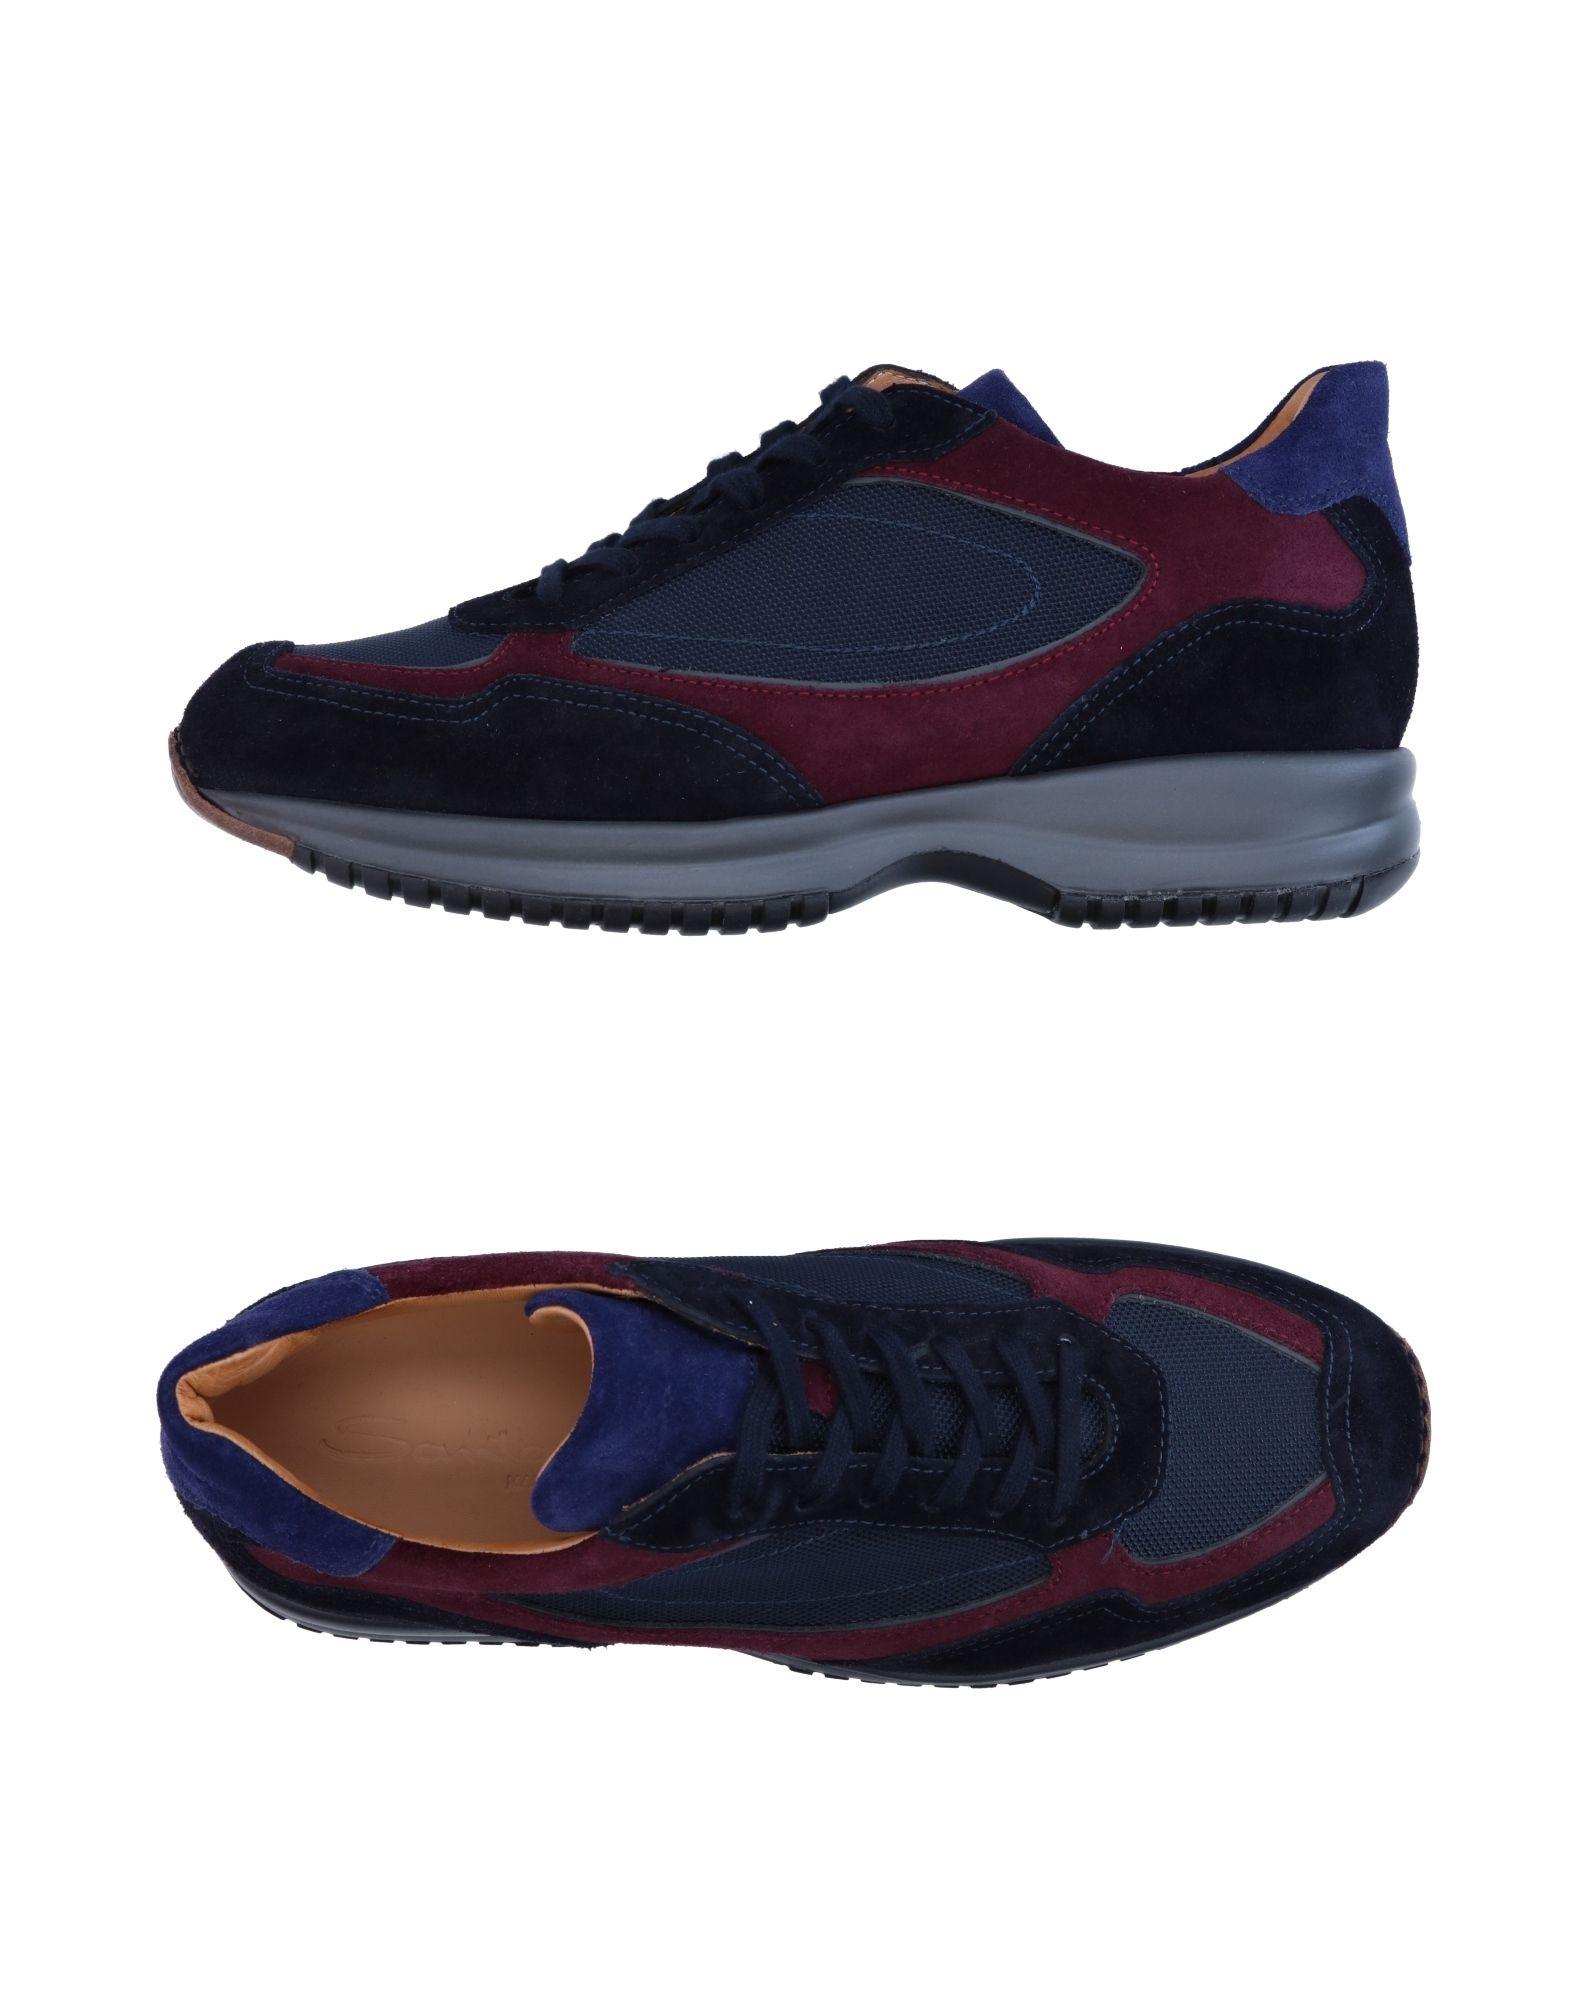 Sneakers Santoni Uomo - 11251714BI Scarpe economiche e buone